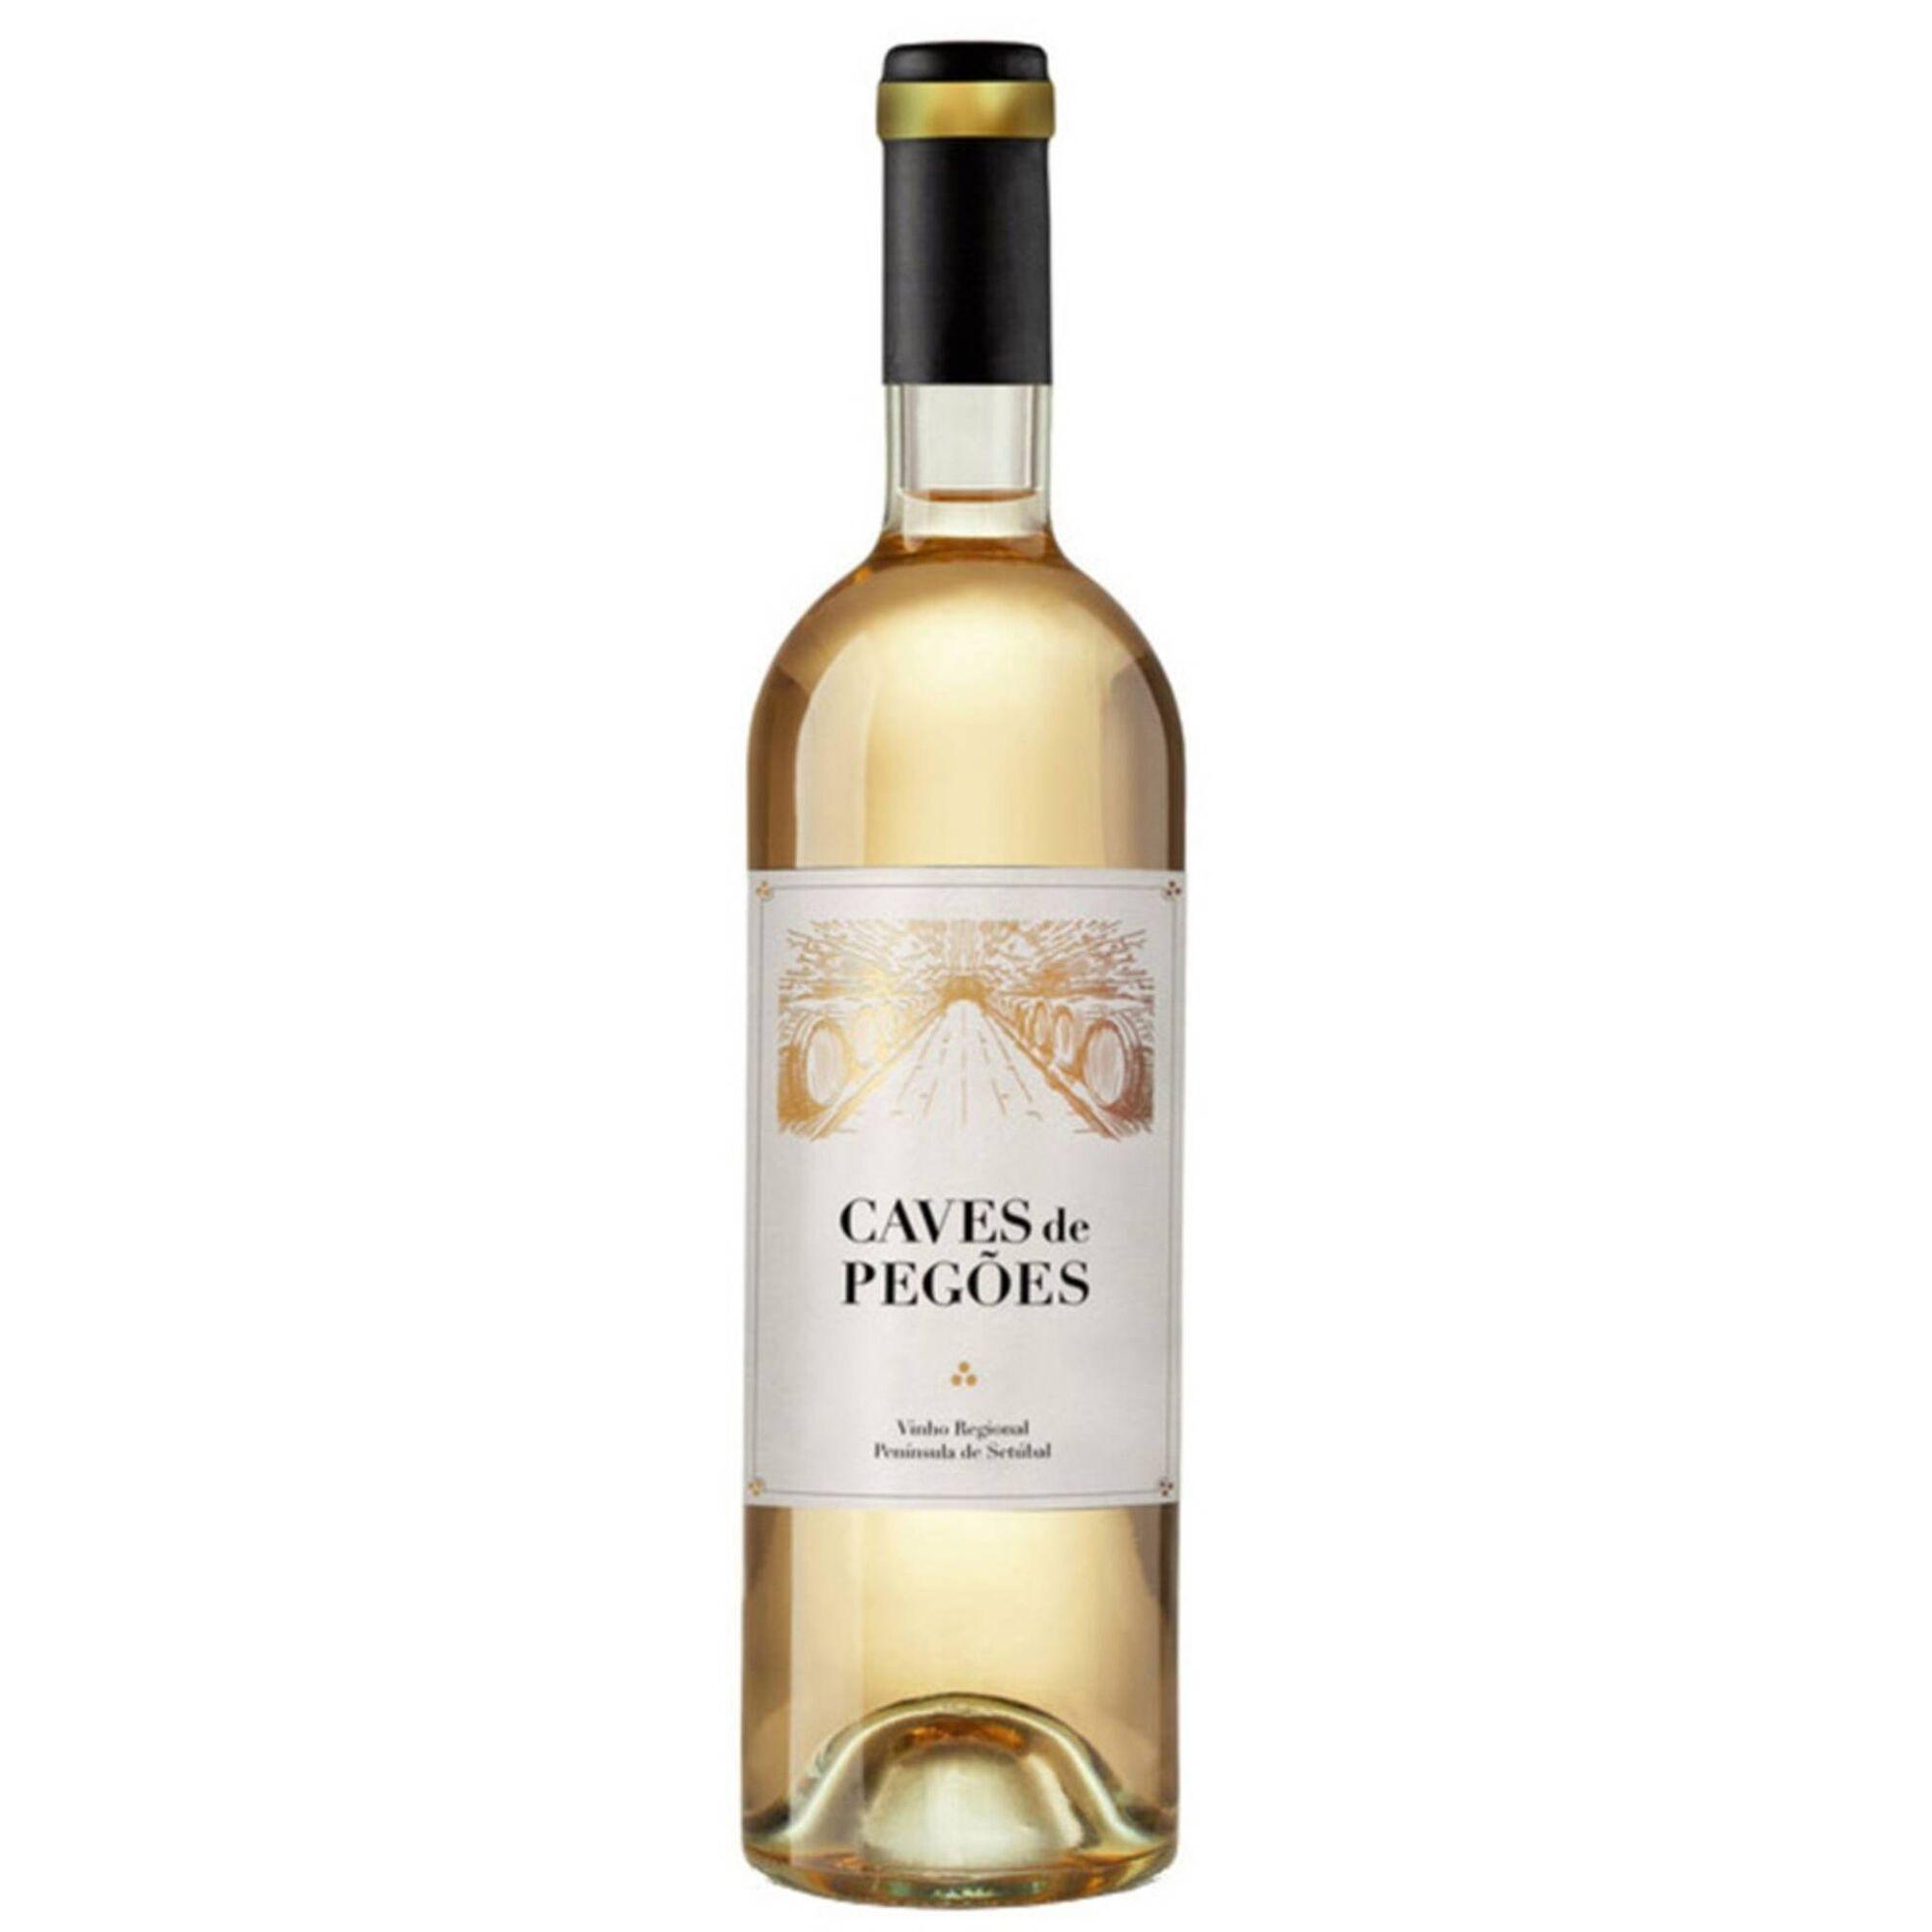 Caves de Pegões Regional Península de Setúbal Vinho Branco